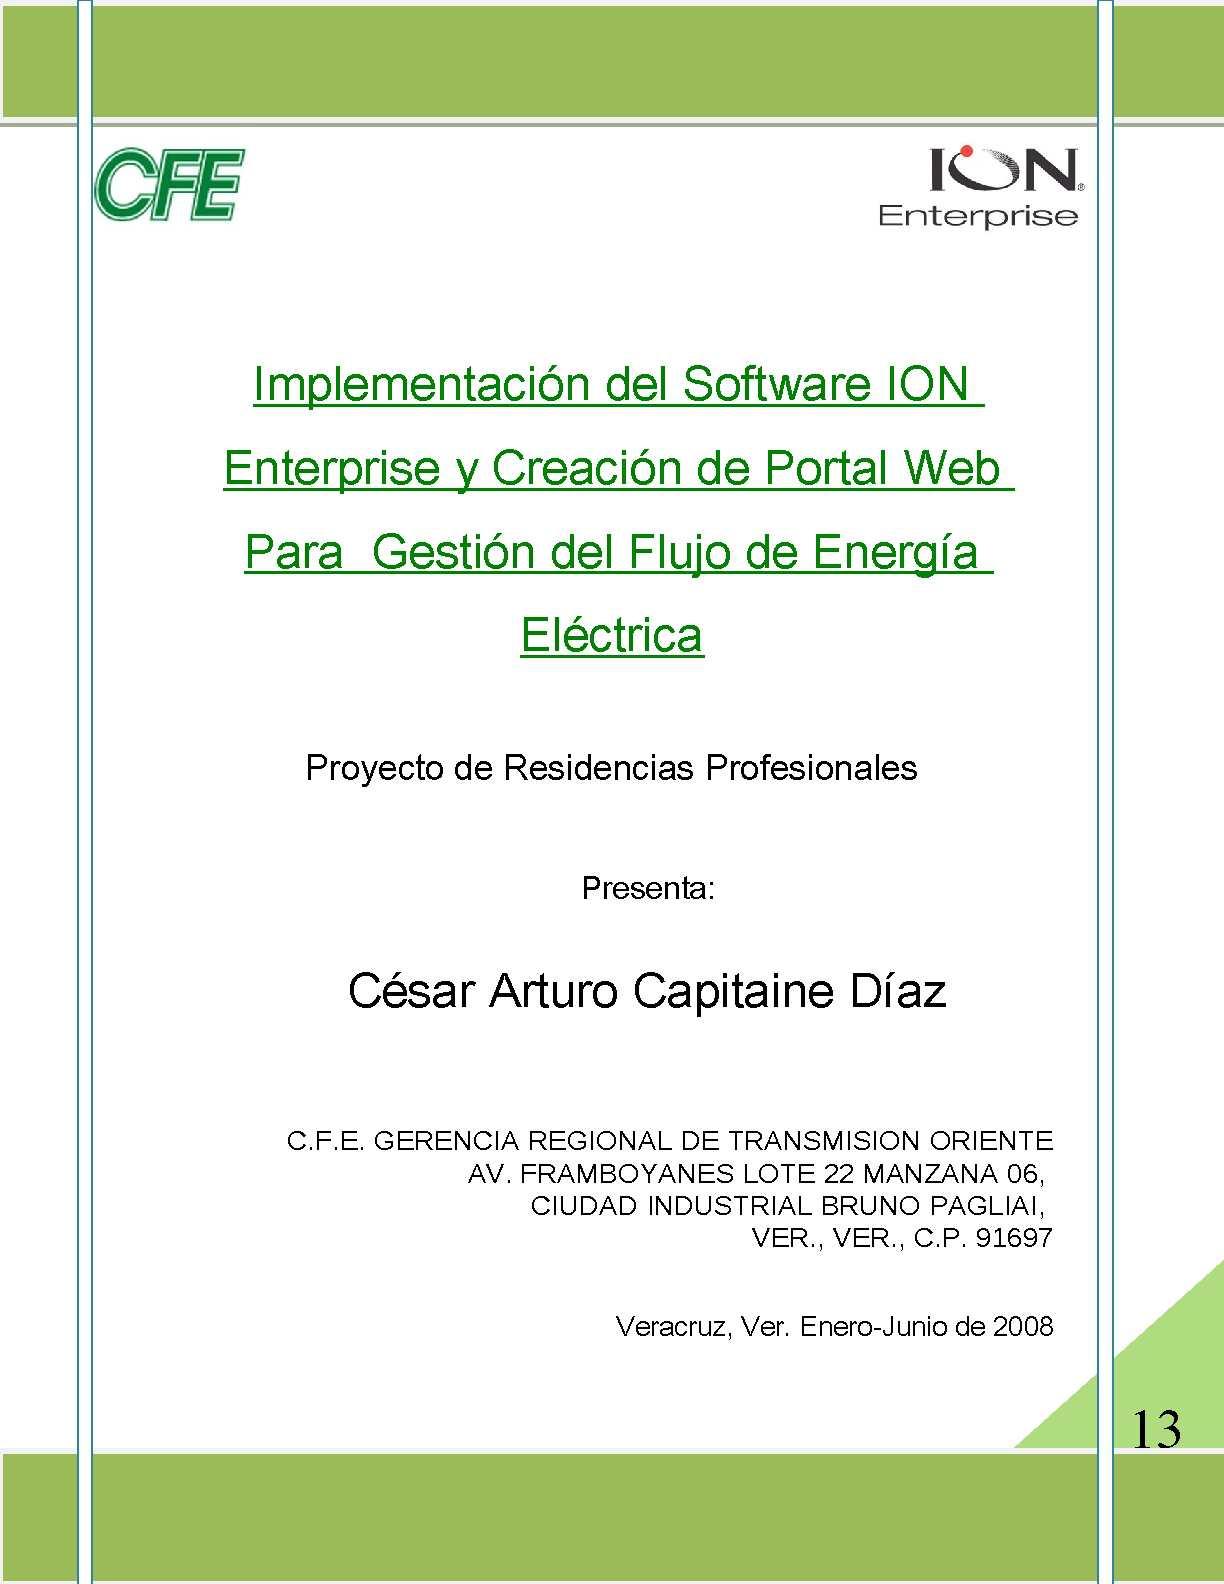 Implementación del Software ION Enterprise y Creación de Portal Web para Gestión de Flujo de Energia Eléctrica